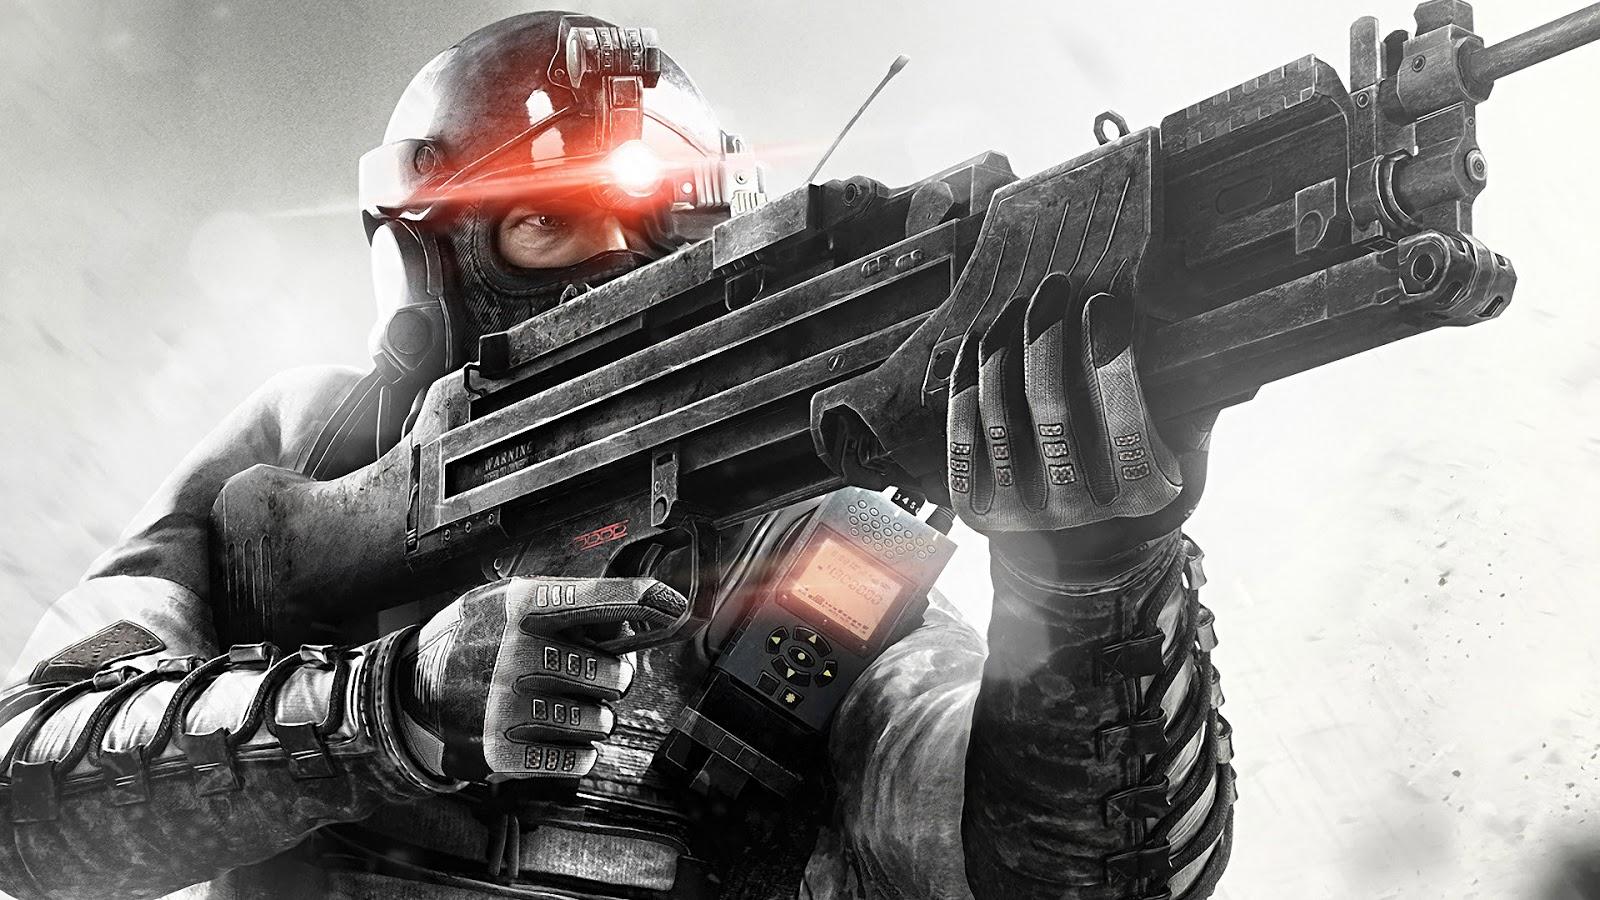 NOVO SPLINTER CELL PARA PS4 XBOX ONE E PC E3 2017